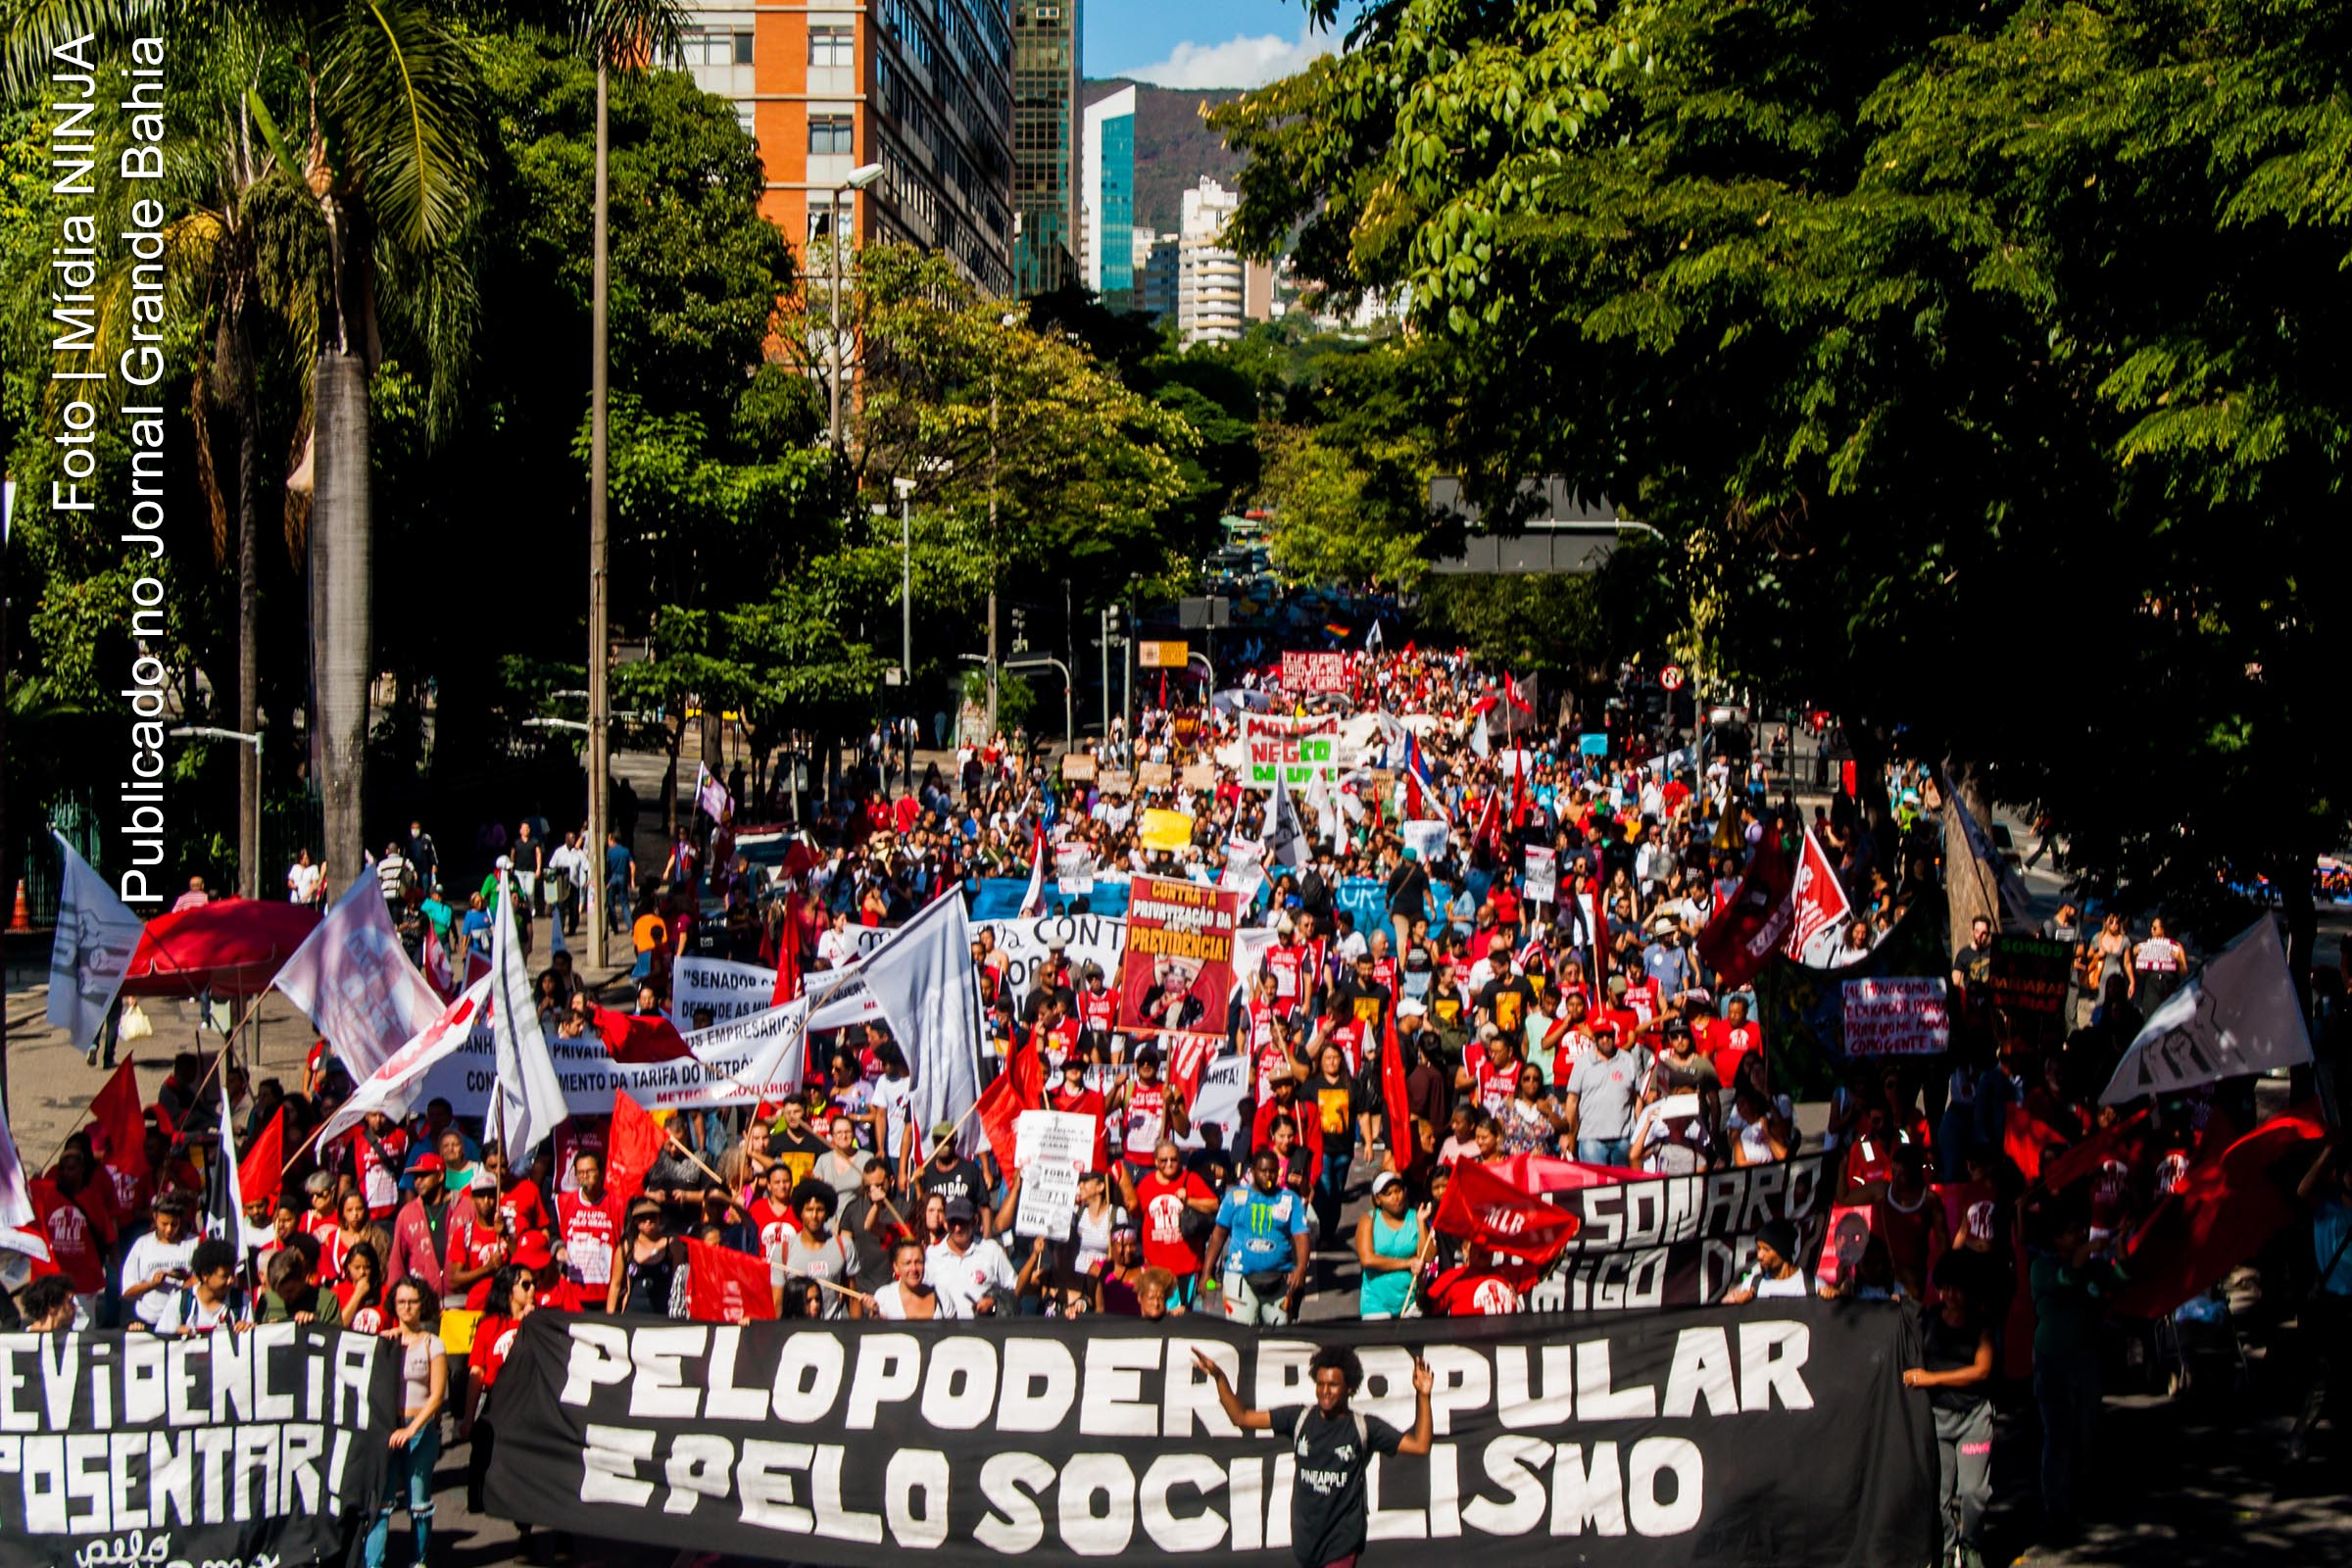 Repressão aos manifestantes. Violência policial a serviço dos patrões e do governo.